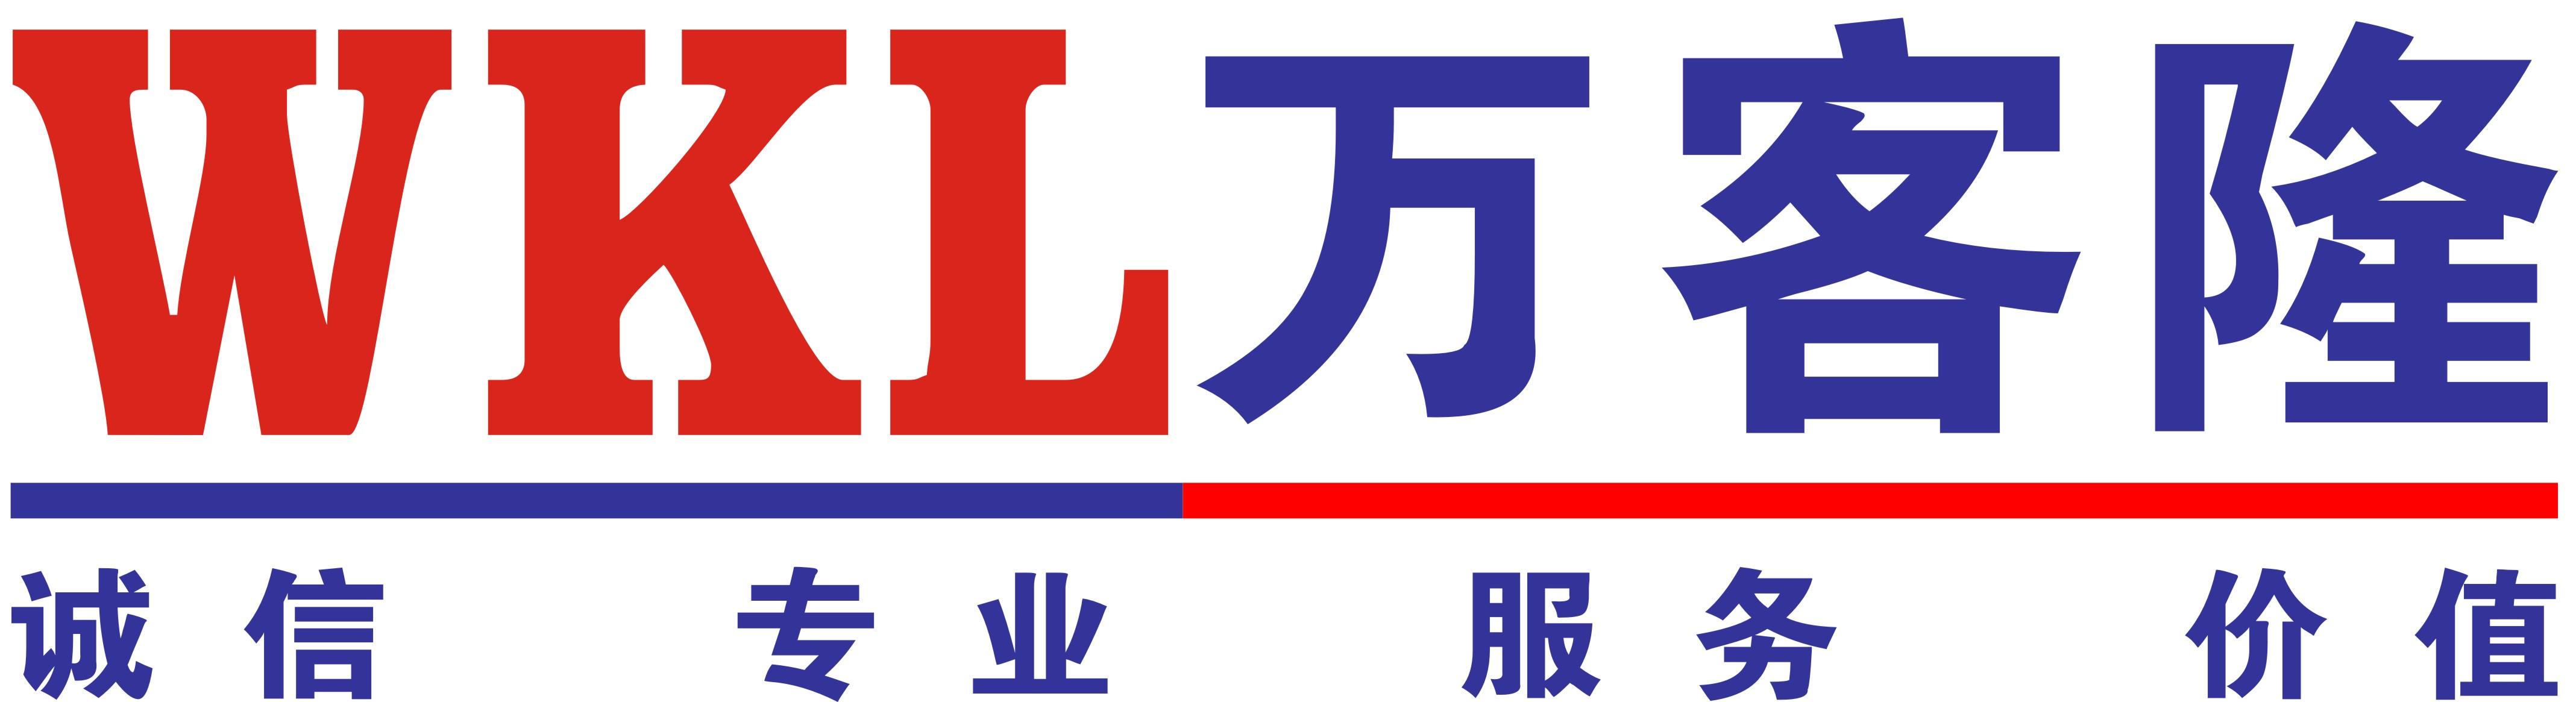 湖南省万客隆五金交电有限公司